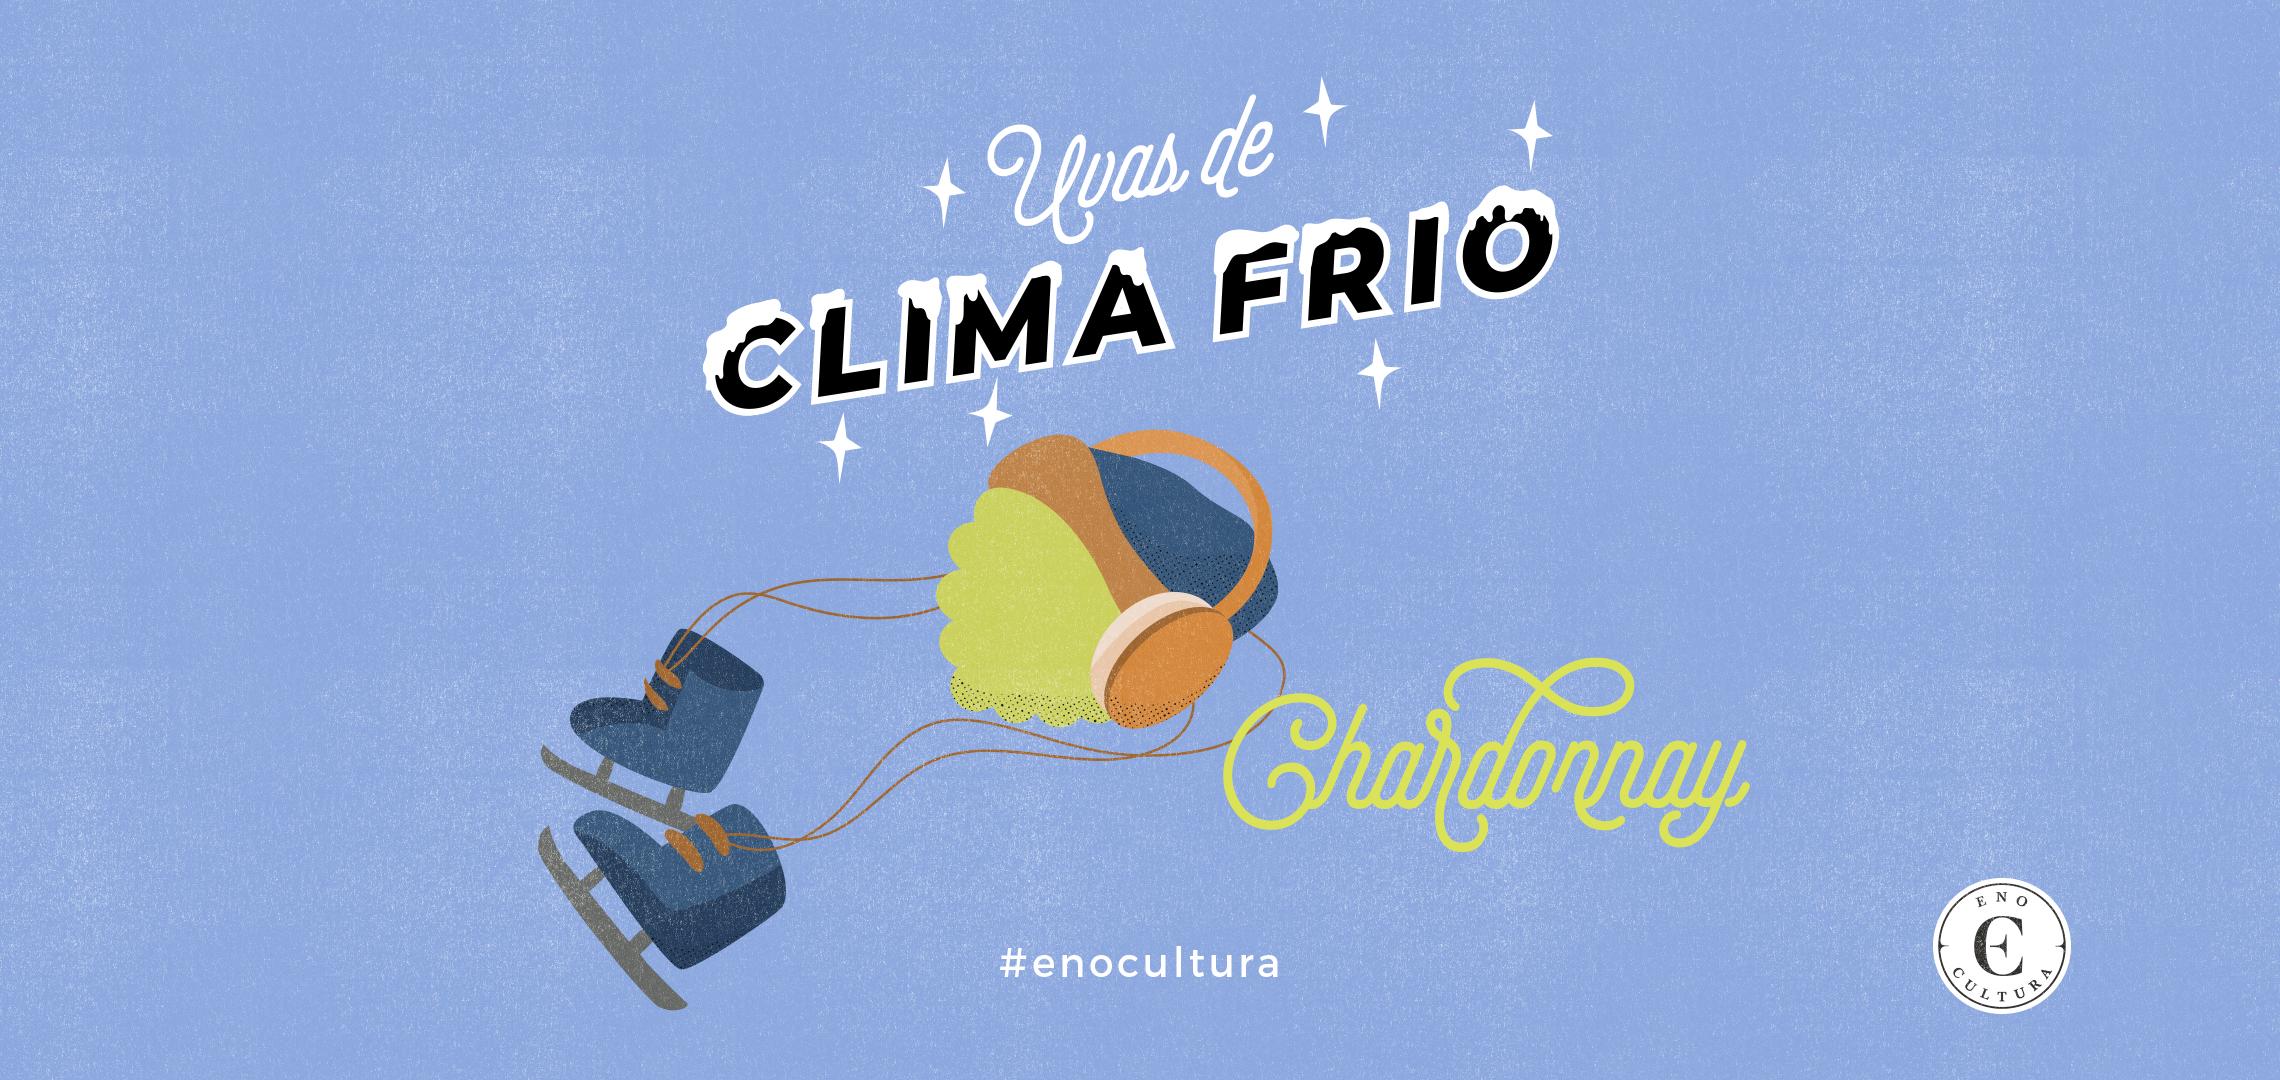 Uvas de Clima Frio: Chardonnay